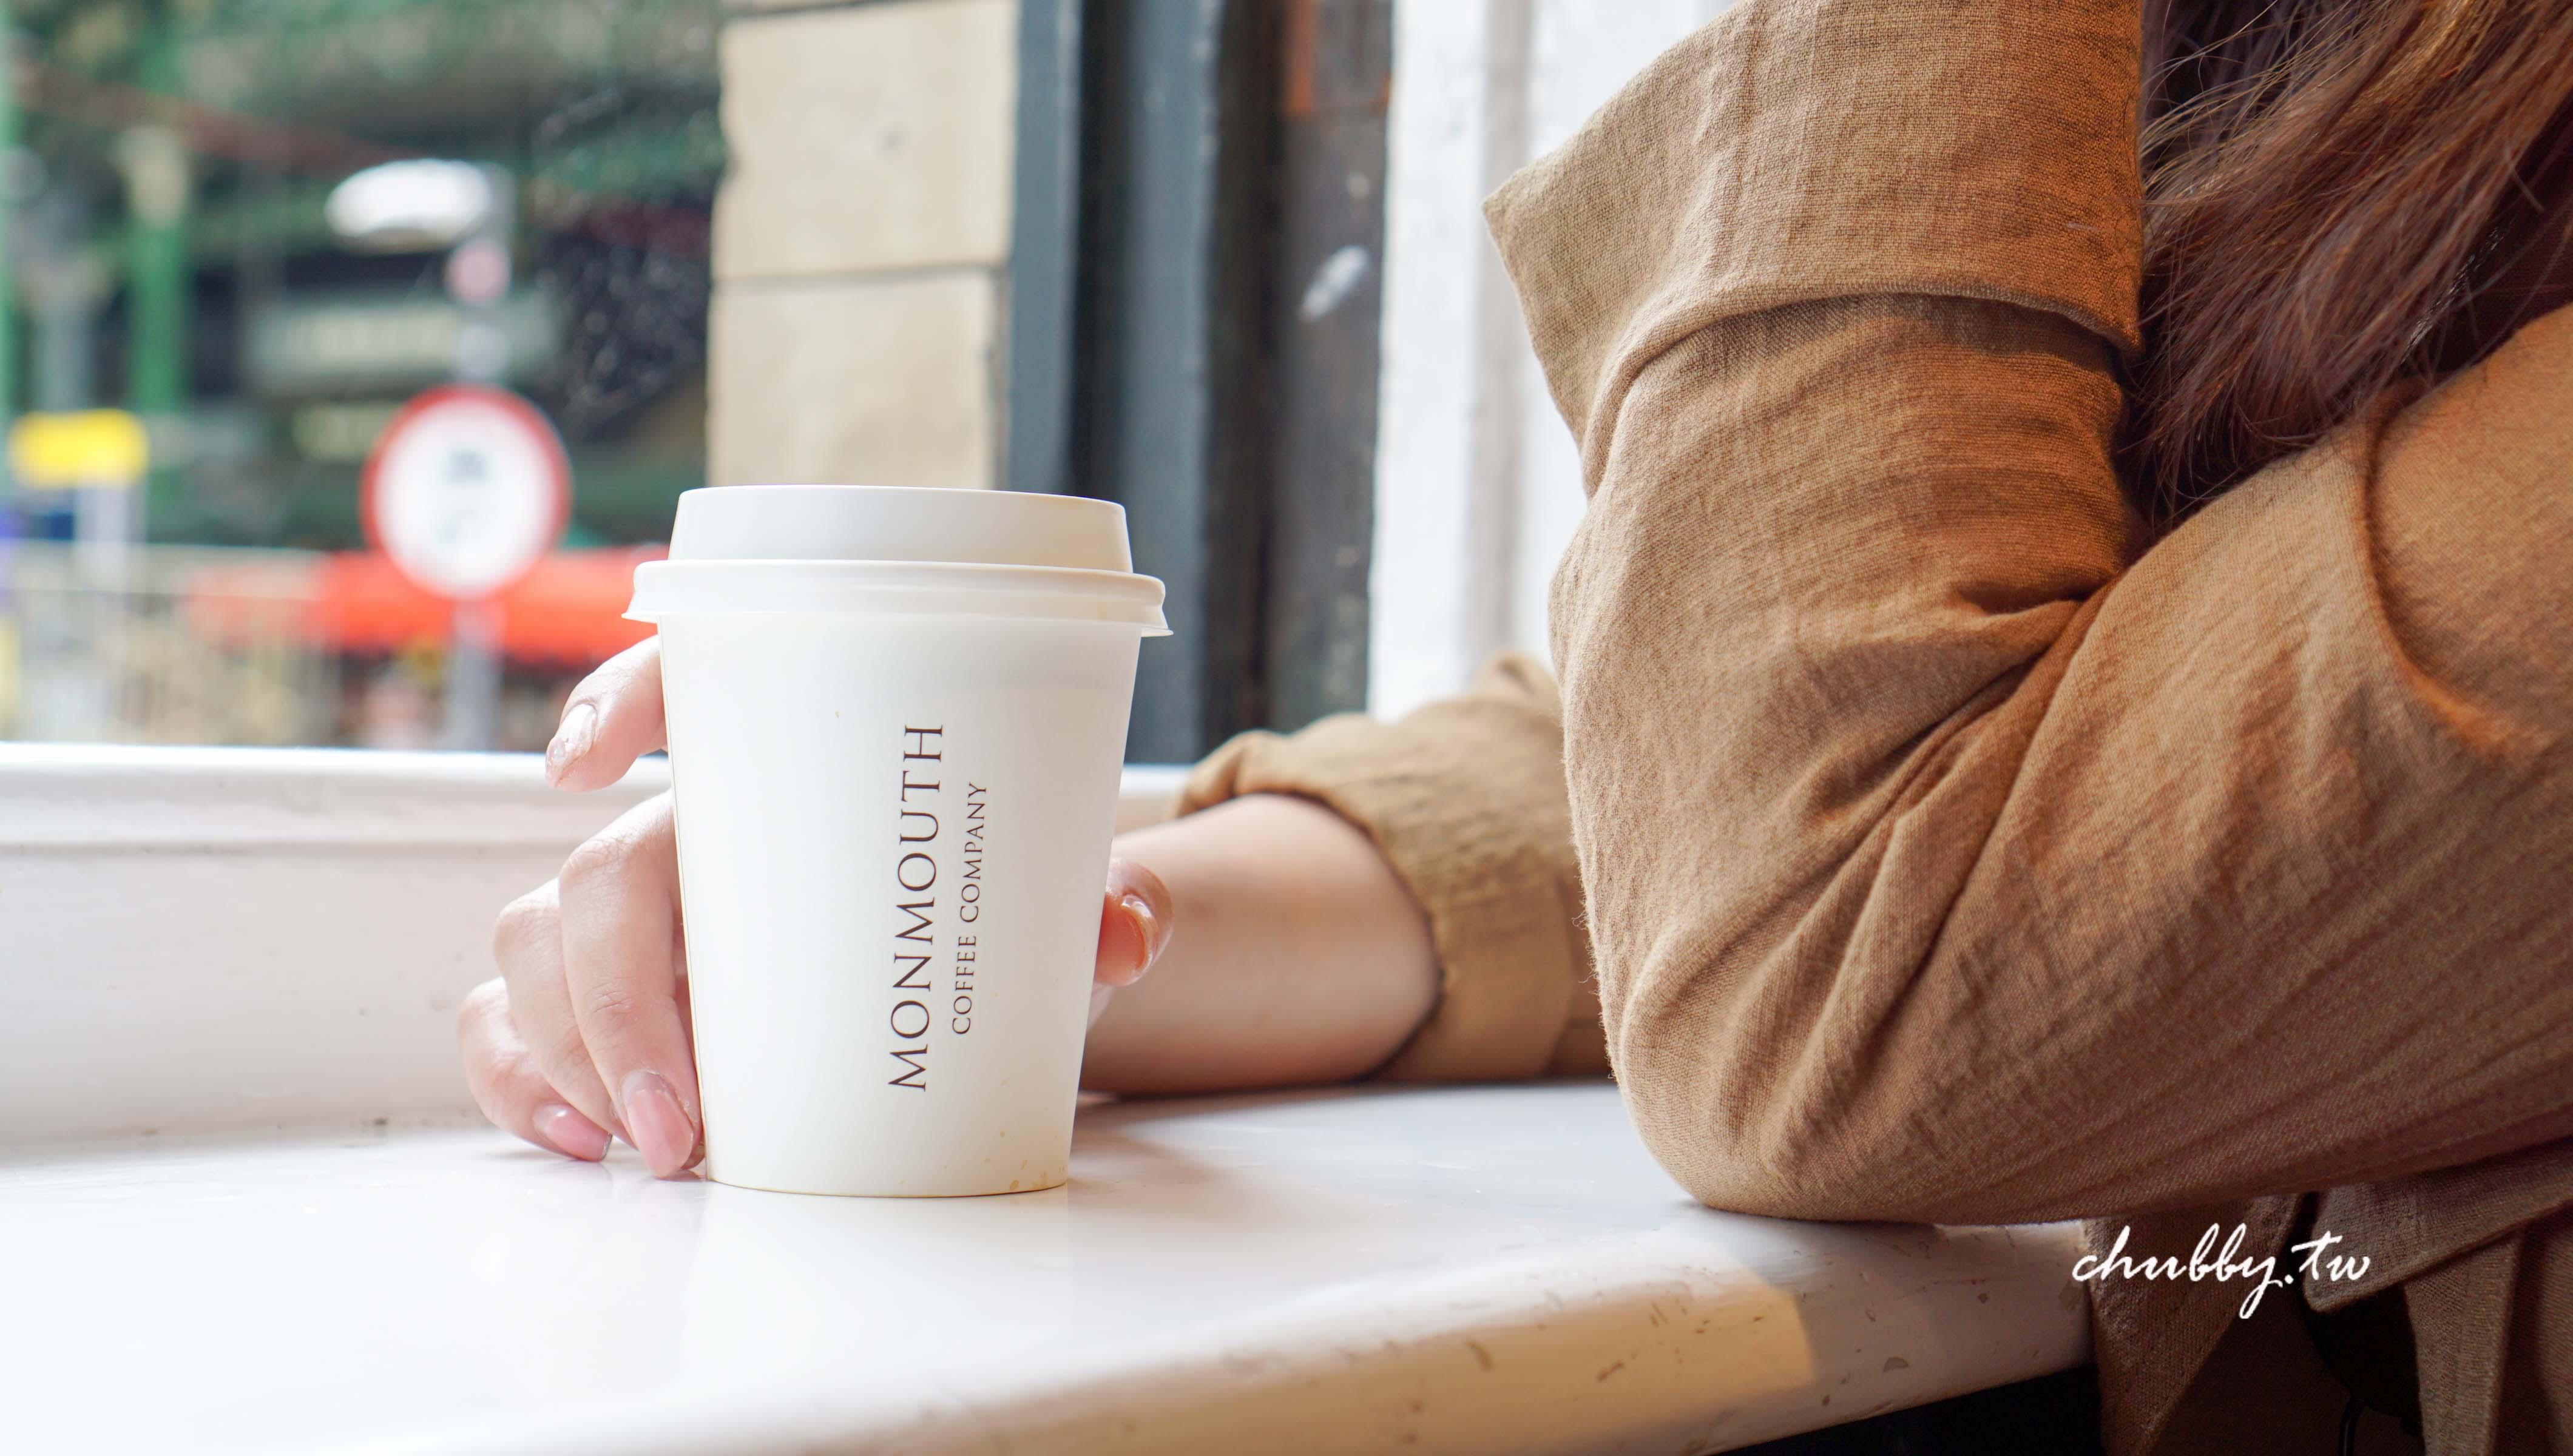 咖啡迷朝聖名店!monmouth coffee英國最好喝的咖啡店